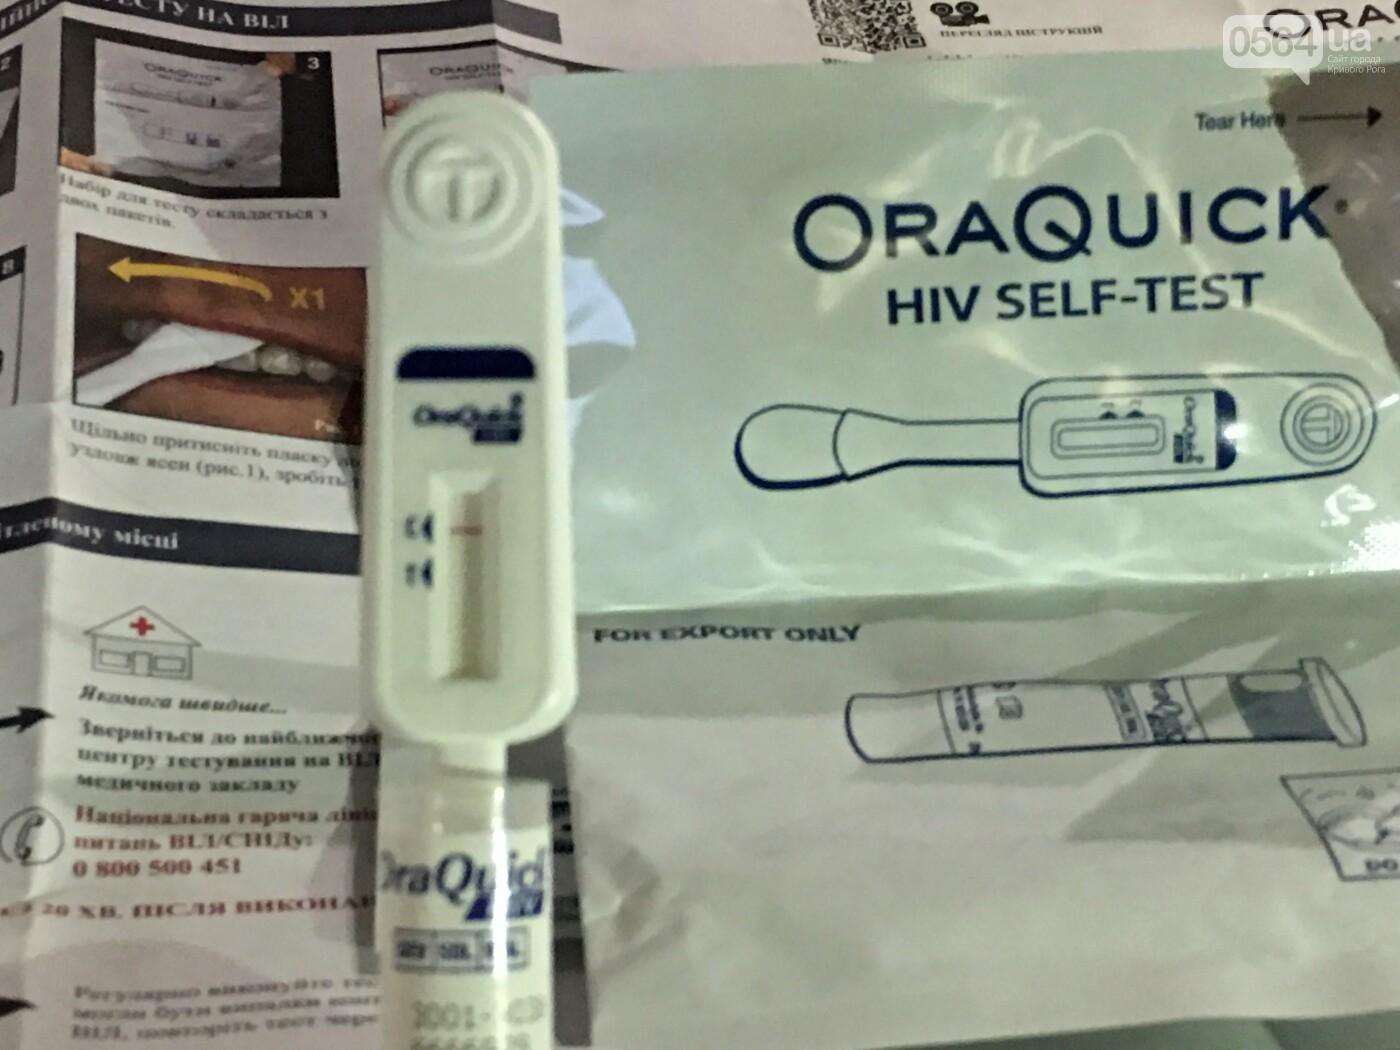 Где и как криворожане могут бесплатно получить ДКП/PrEP чтобы не заразиться ВИЧ-инфекцией, - ФОТО , фото-36